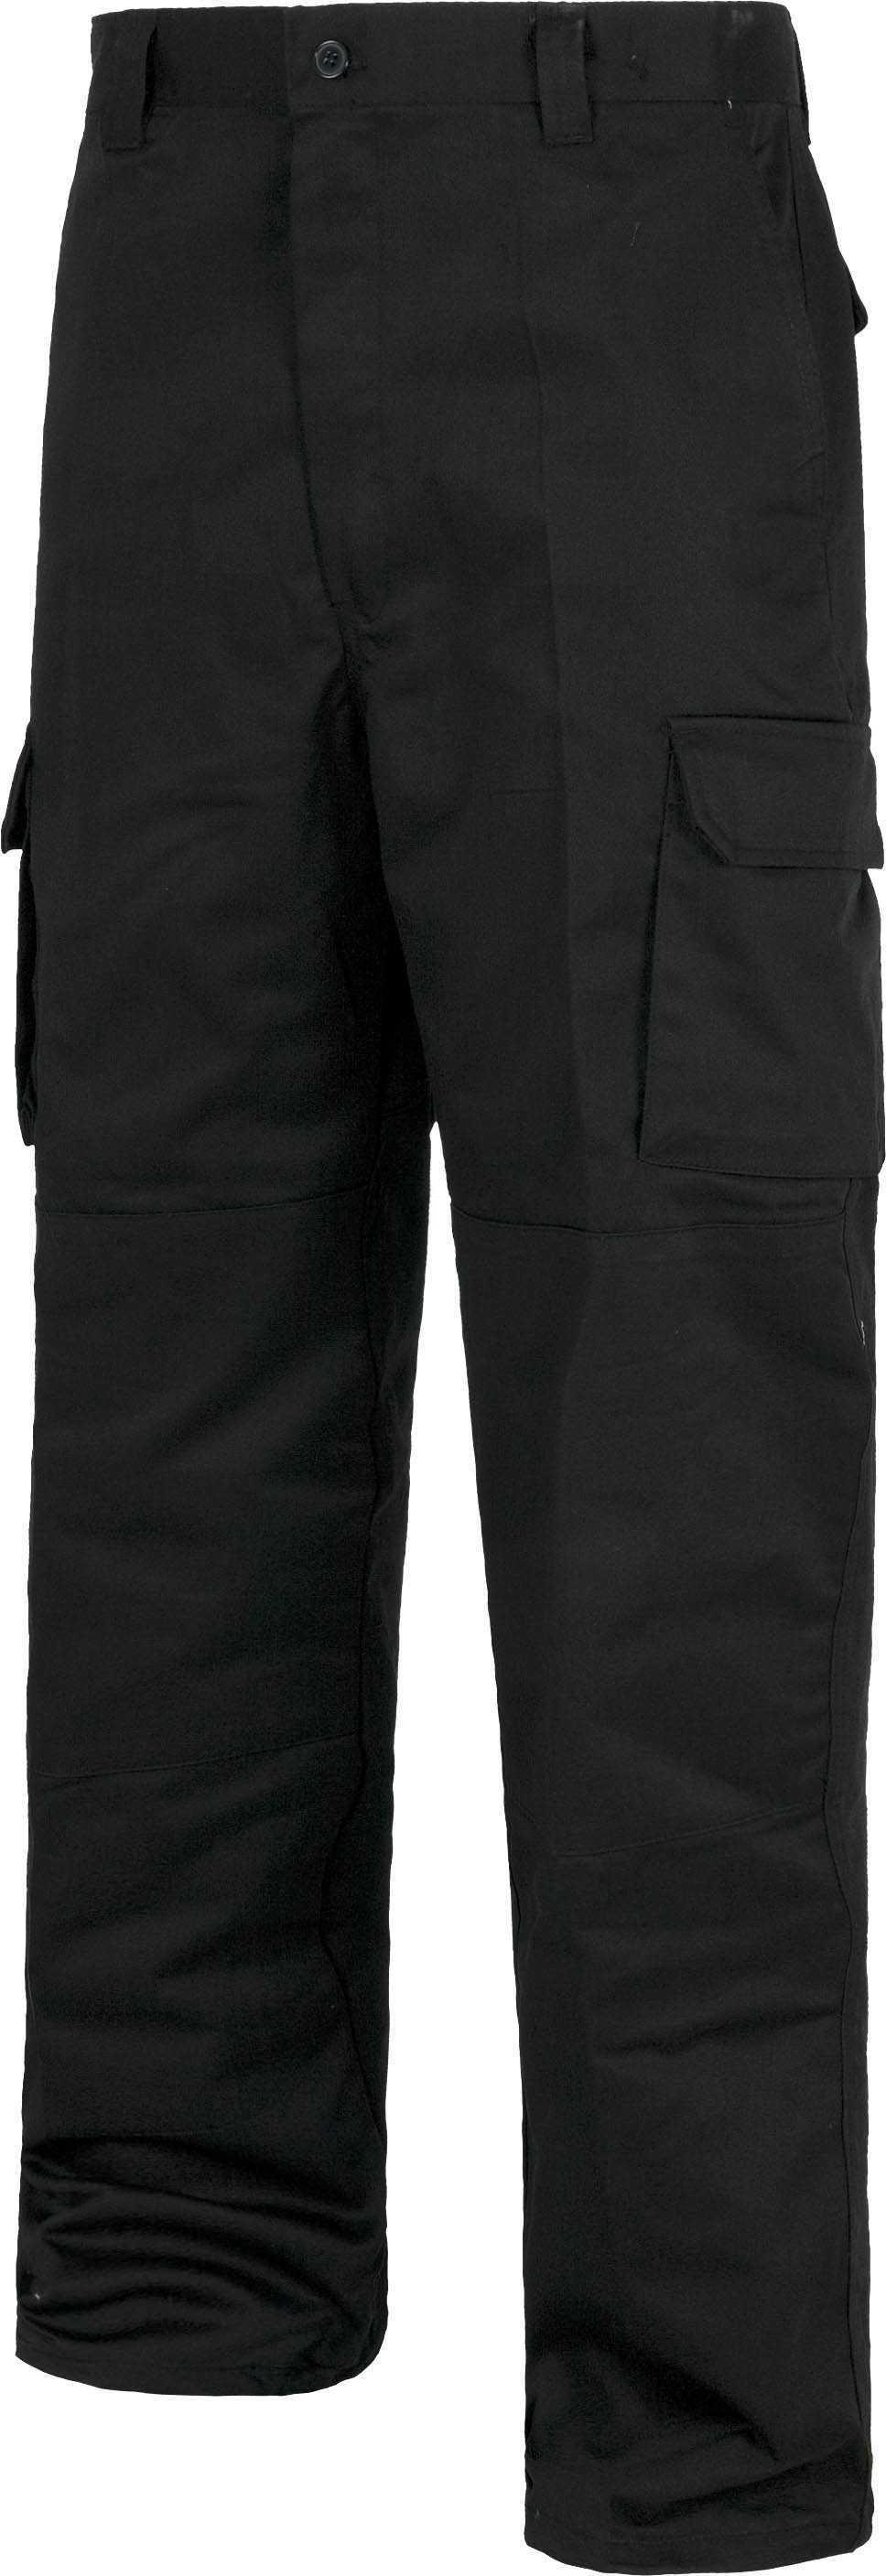 Pantalon De Trabajo Industrial Multibolsillos Con Refuerzos B1416 Workteam